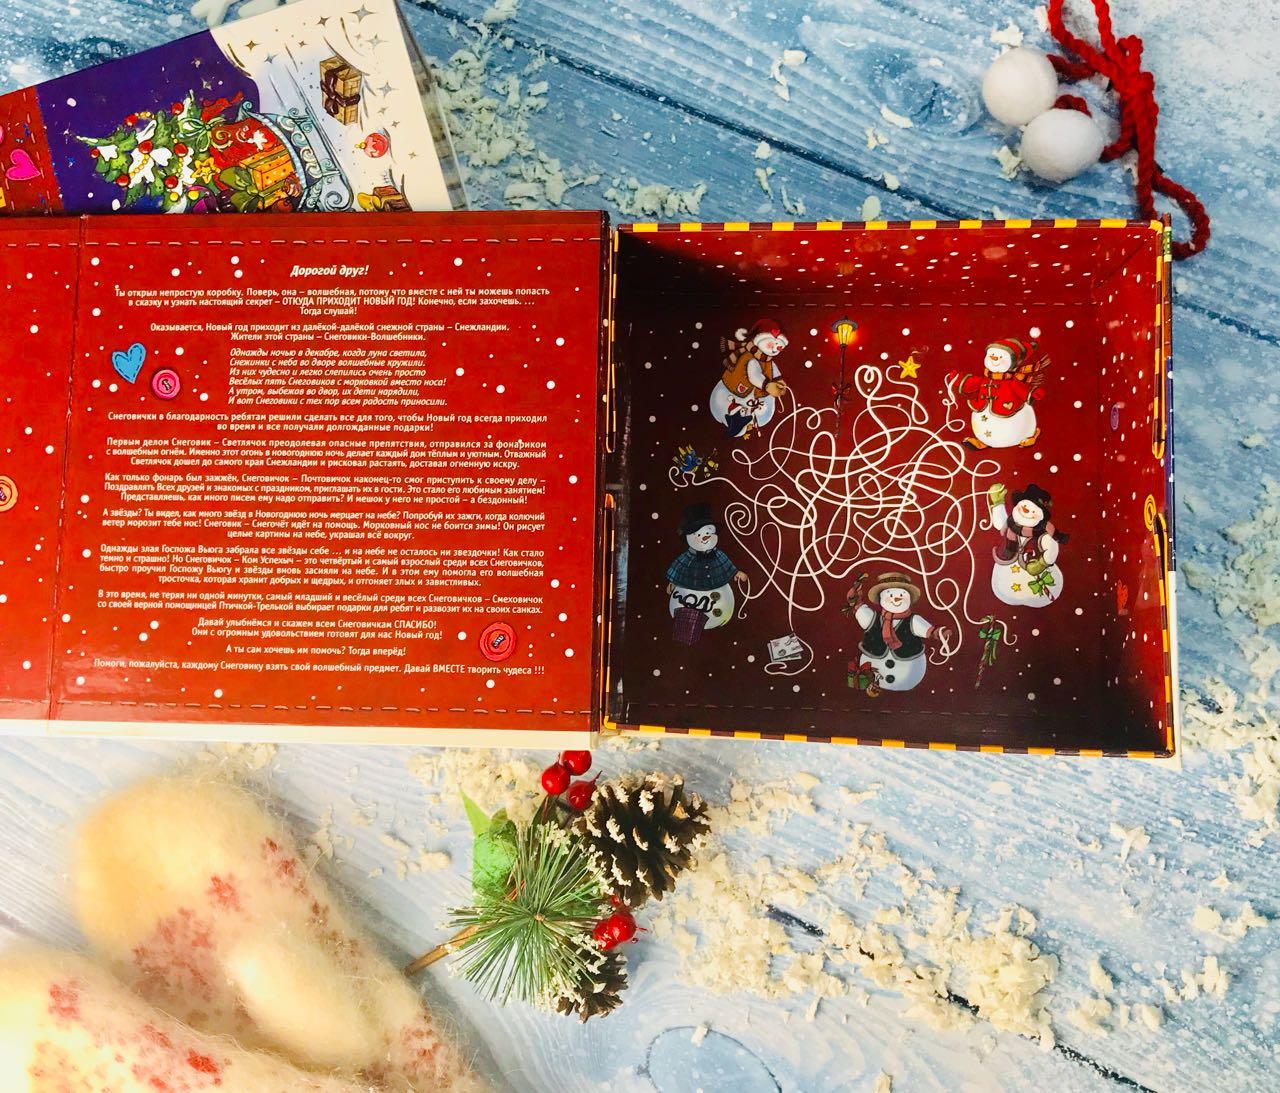 Коробка раскладная Снеговички с магнитами и игрой. Входит около 1000 гр. конфет. Цена 140 рублей